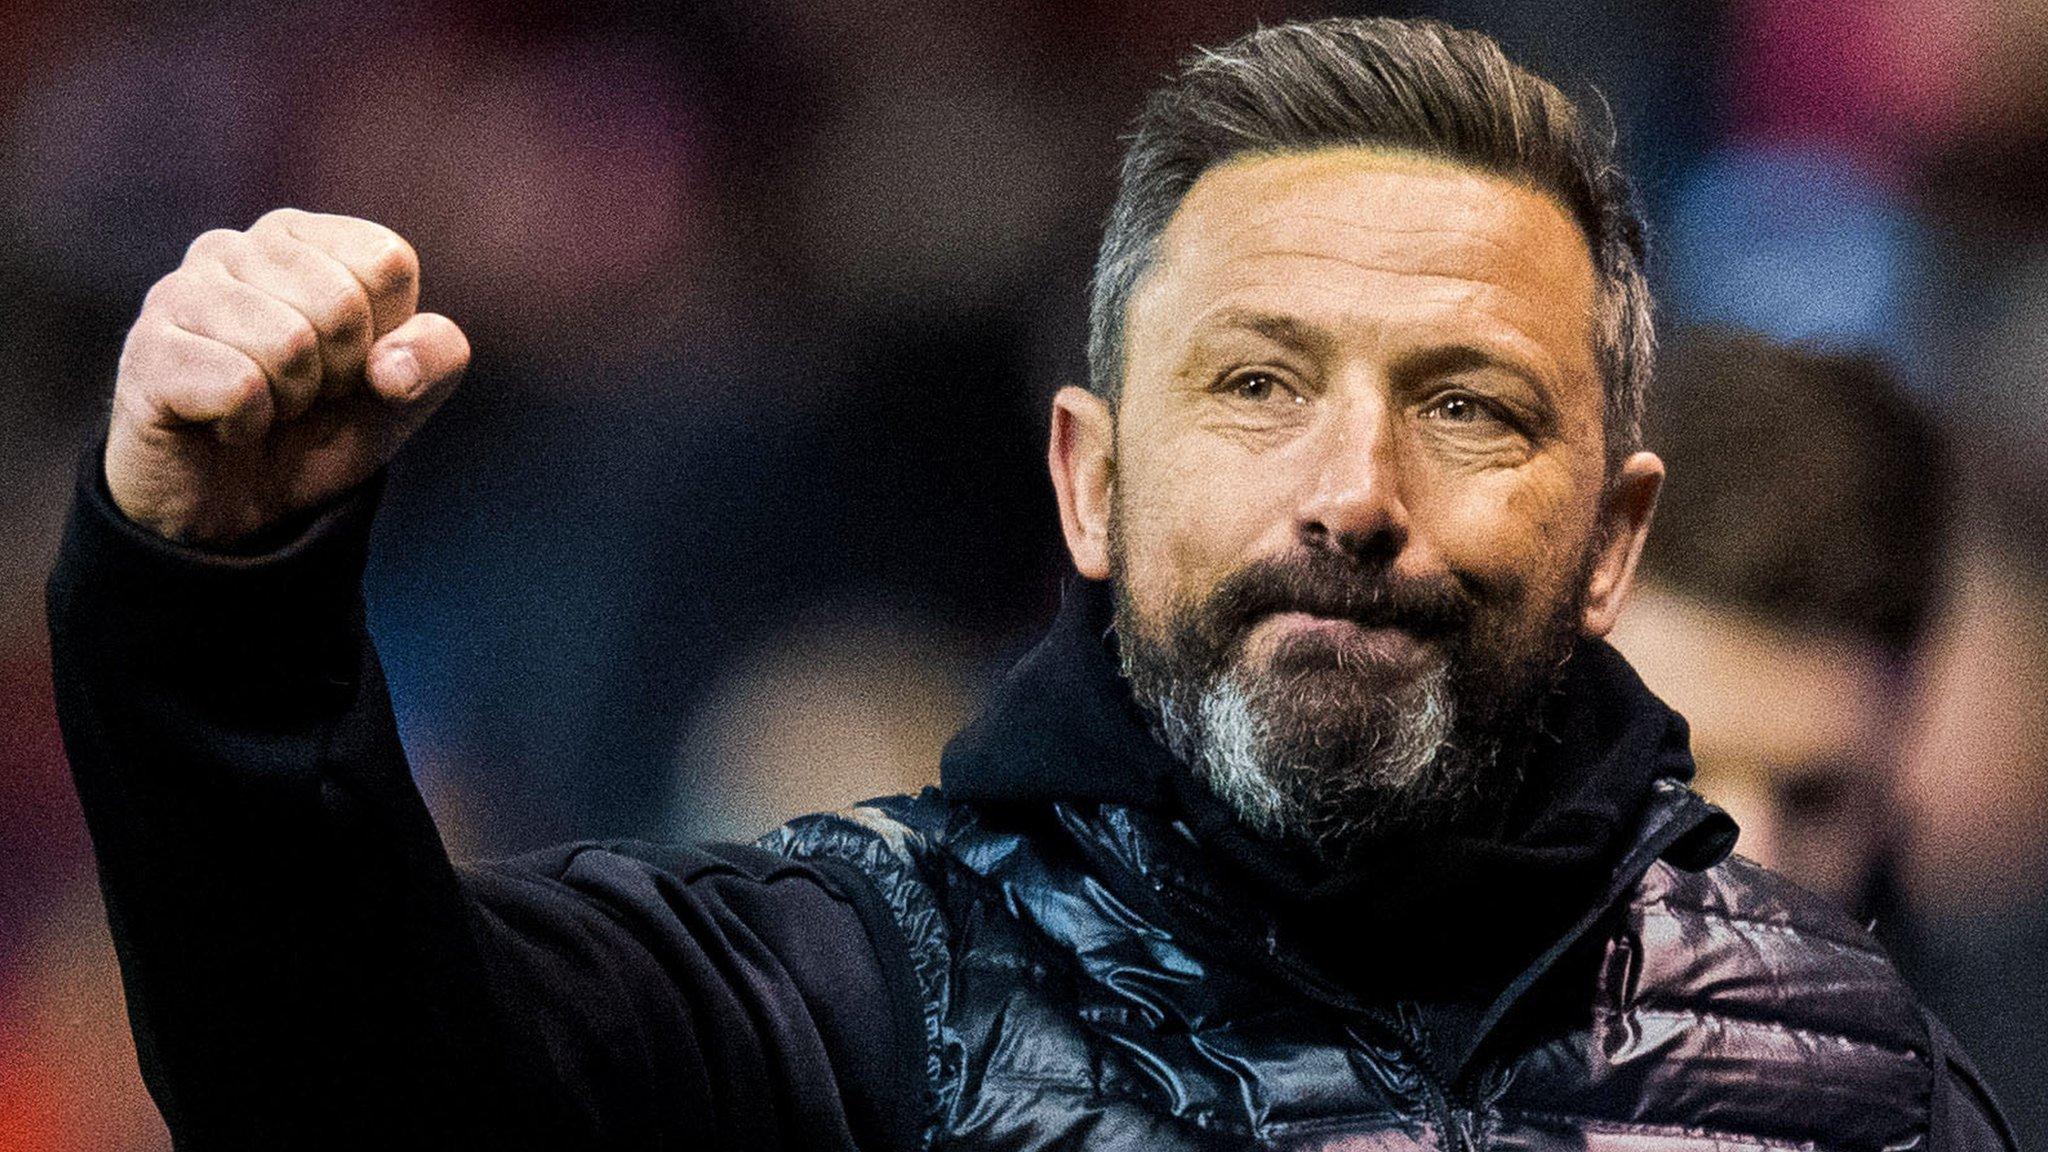 Derek McInnes staying despite Scotland talk - Aberdeen vice-chairman